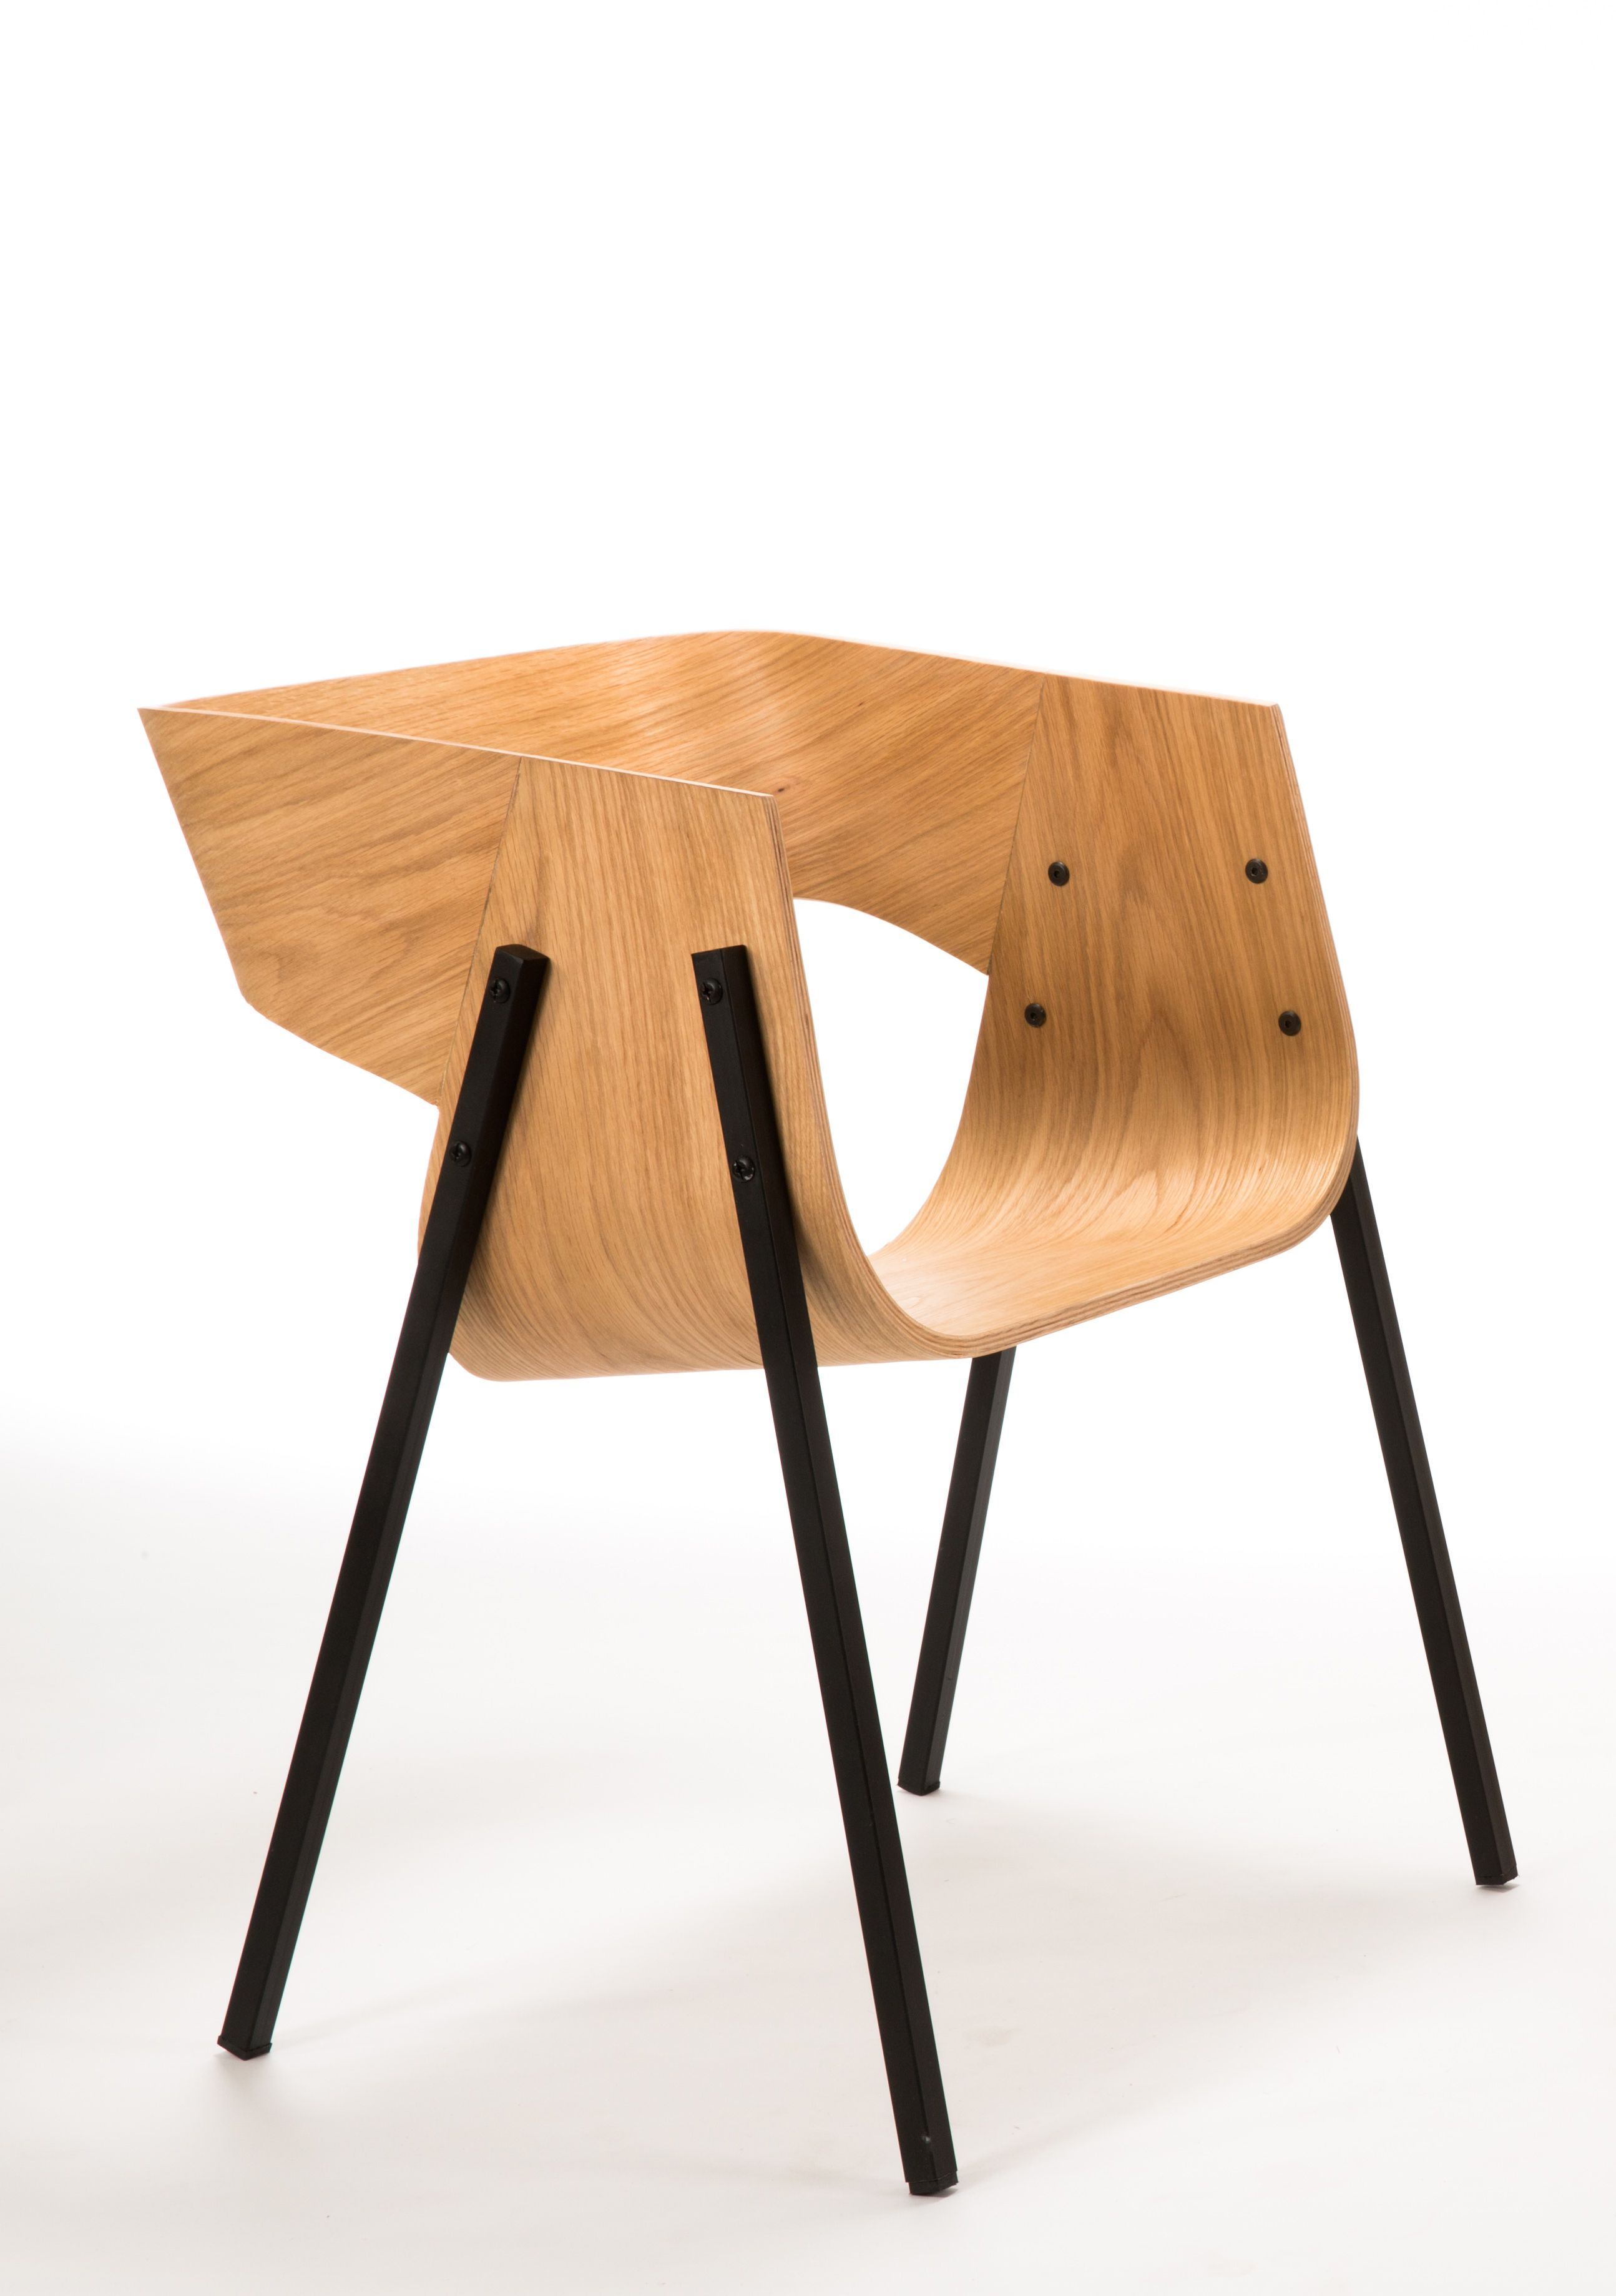 Wood Laminated Chair Wood Chair Furniture Chair